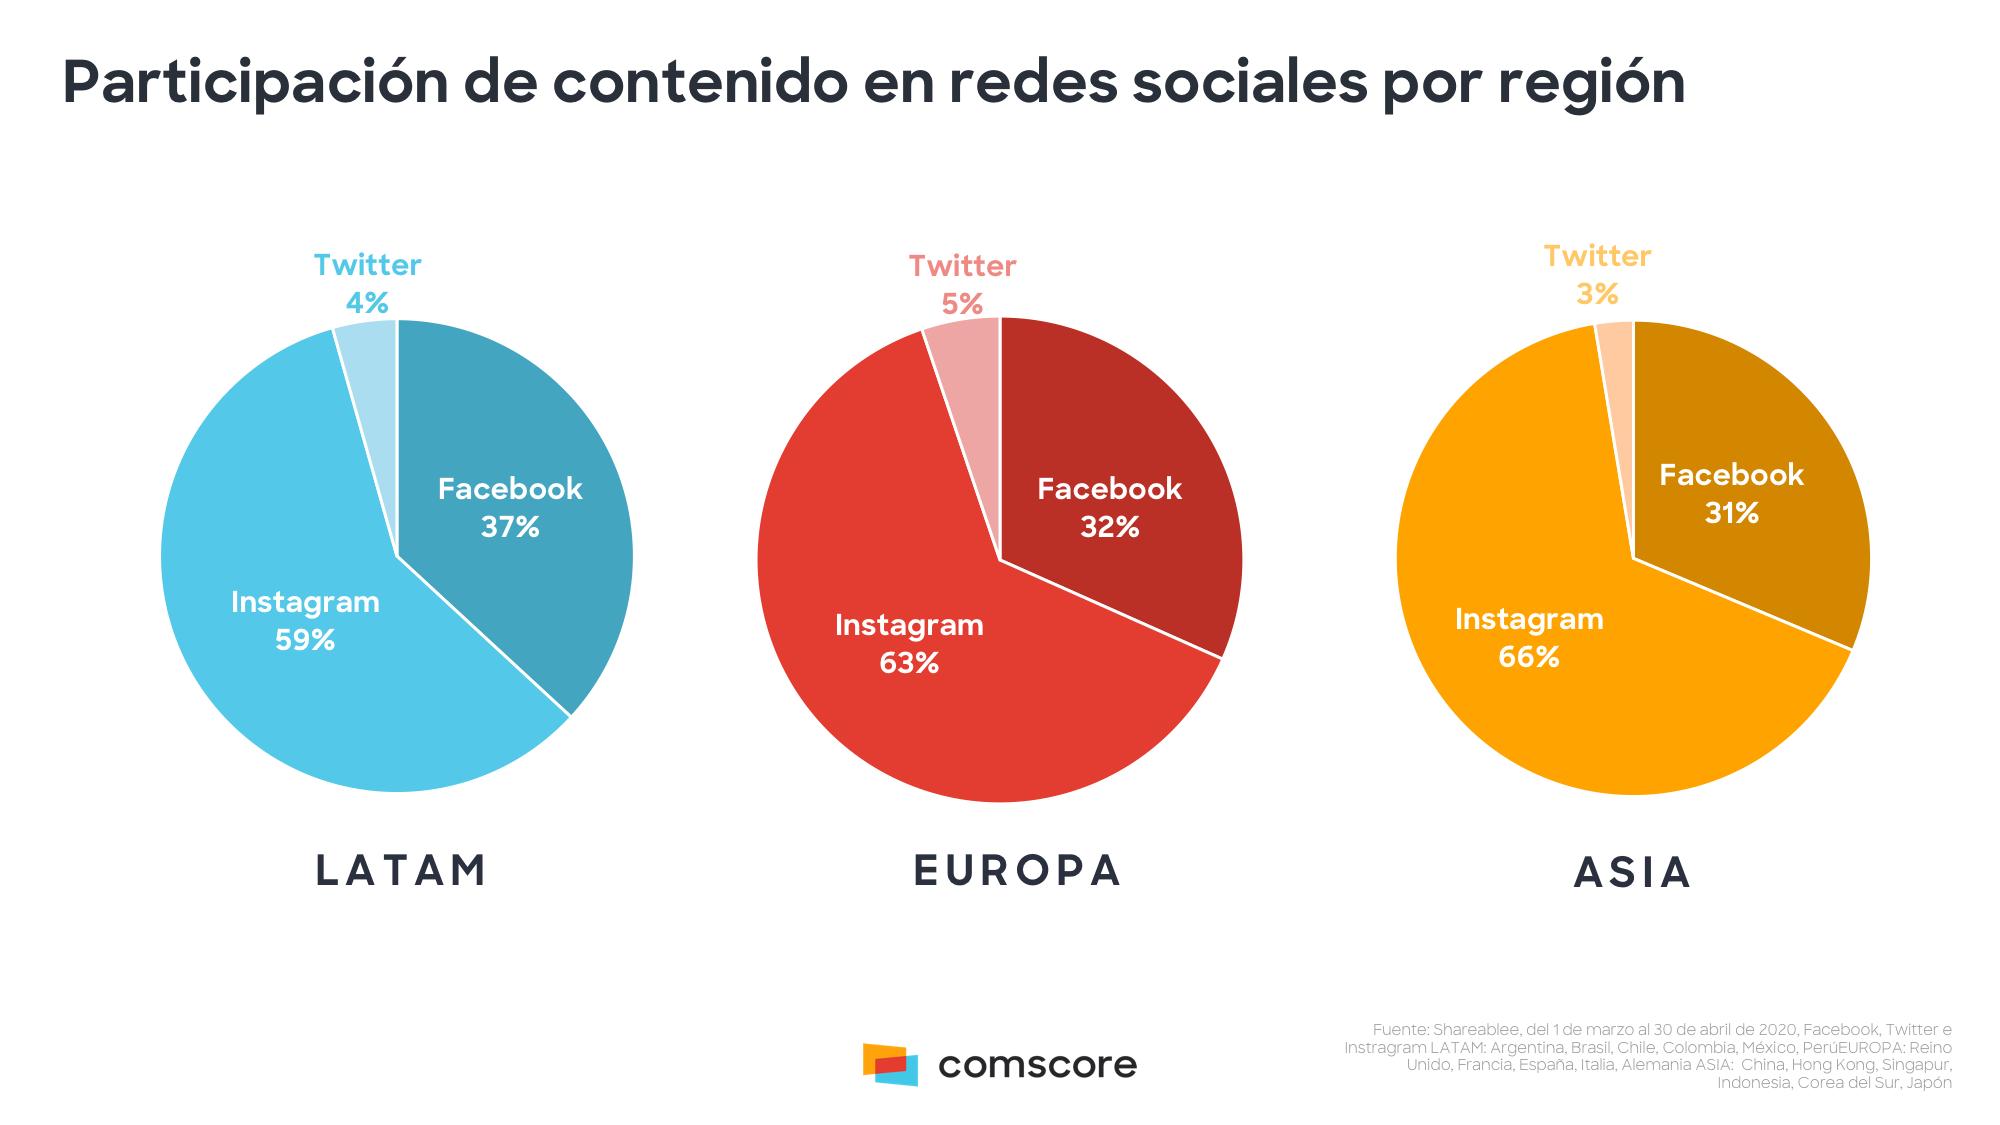 Instagram acaparó el 59% de participación de contenido en redes sociales en Latinoamérica durante la pandemia por COVID-19.